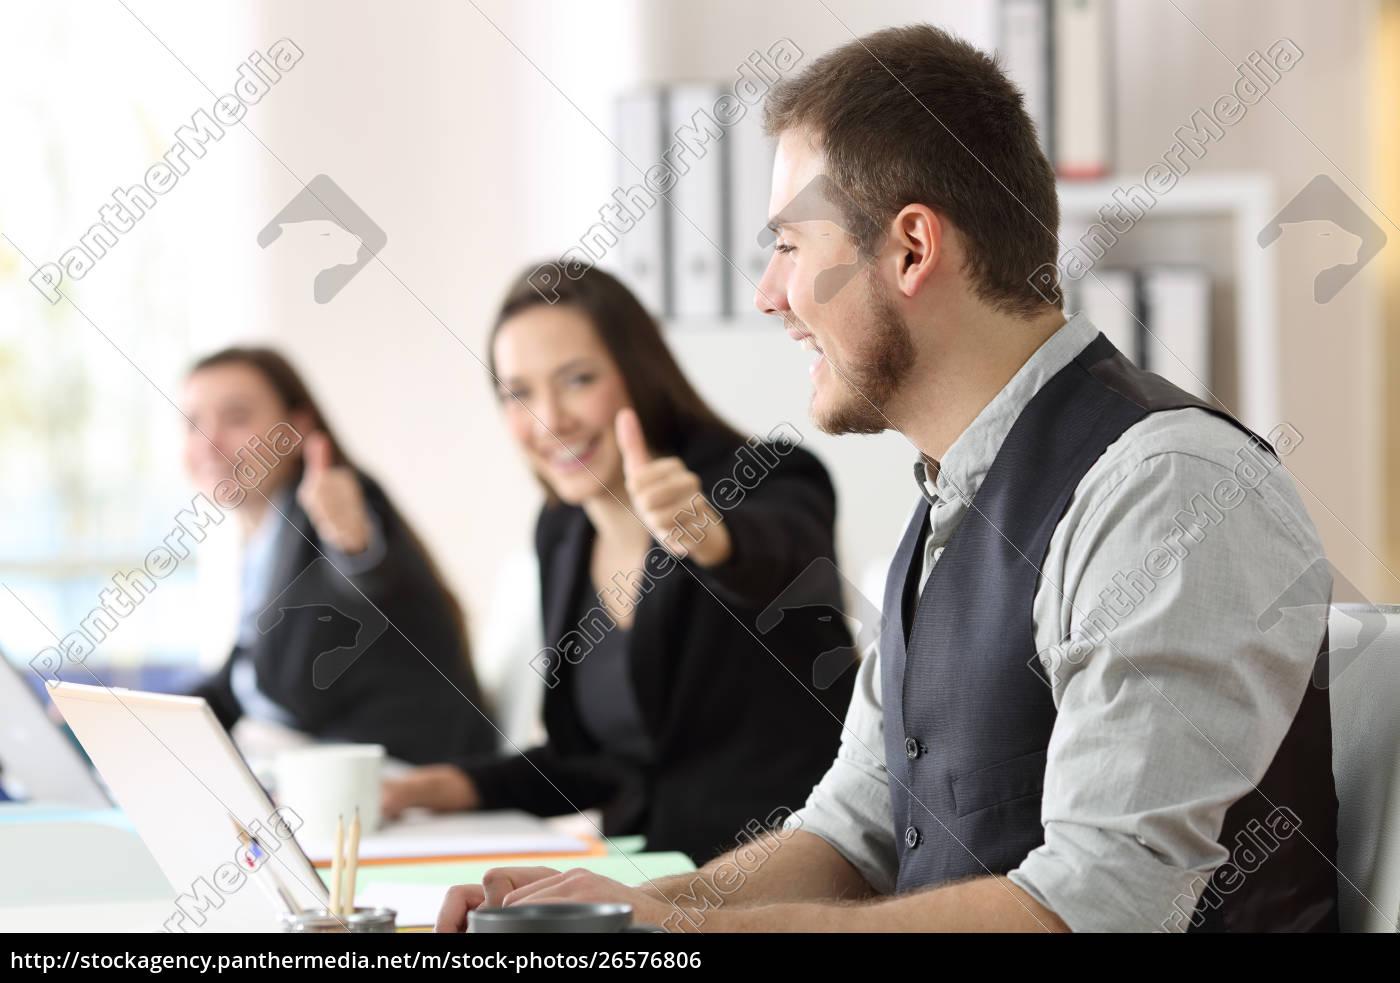 stolt, medarbejder, bliver, lykønsket, af, kolleger - 26576806